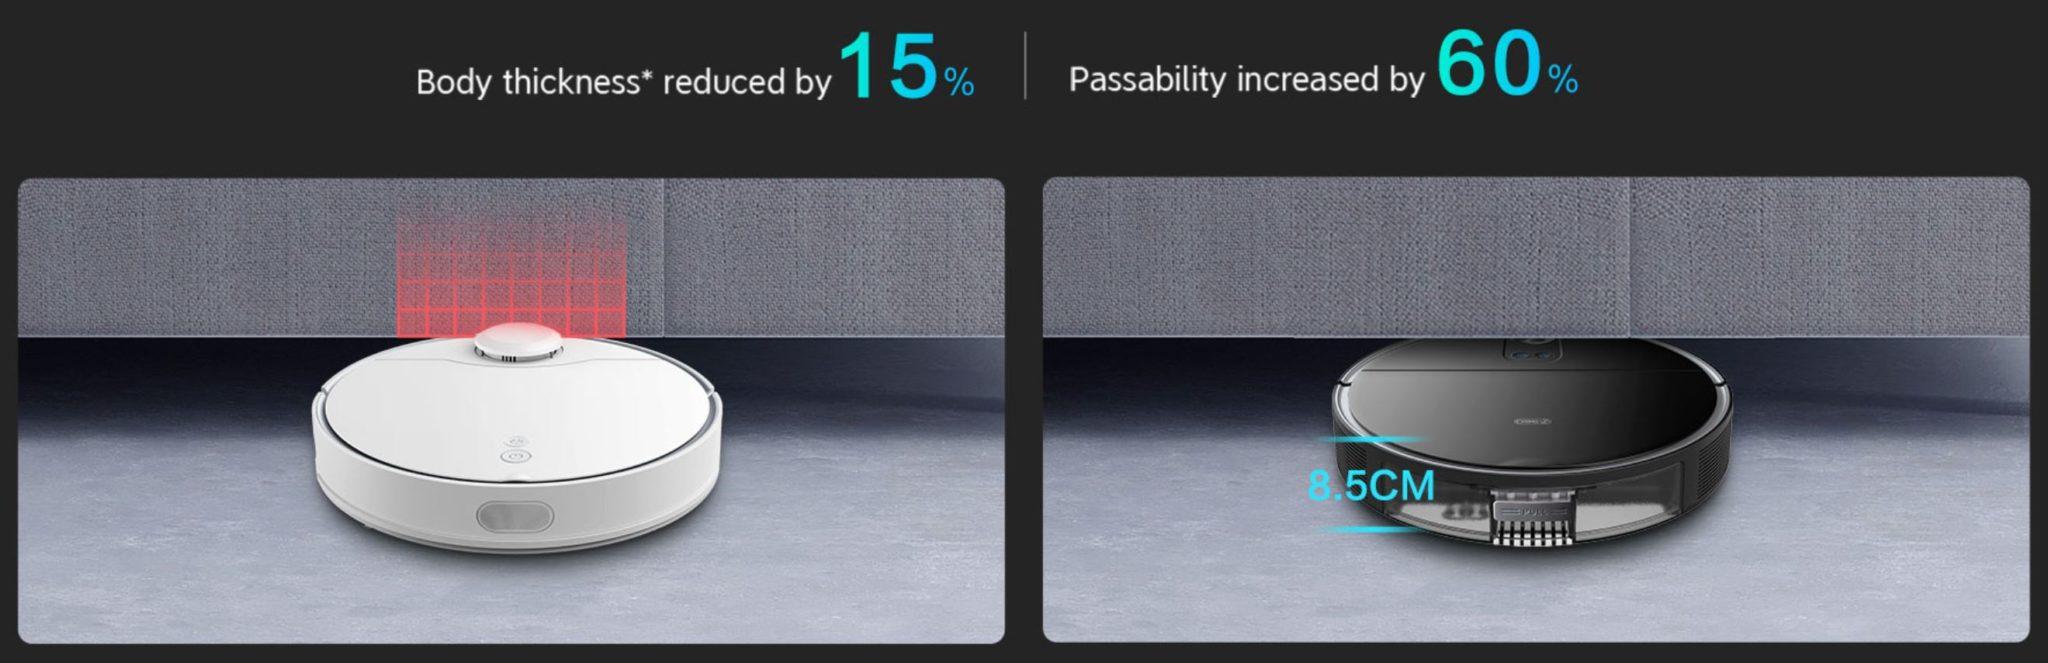 360 S10 - nowy robot sprzątający na rynku - wysokość